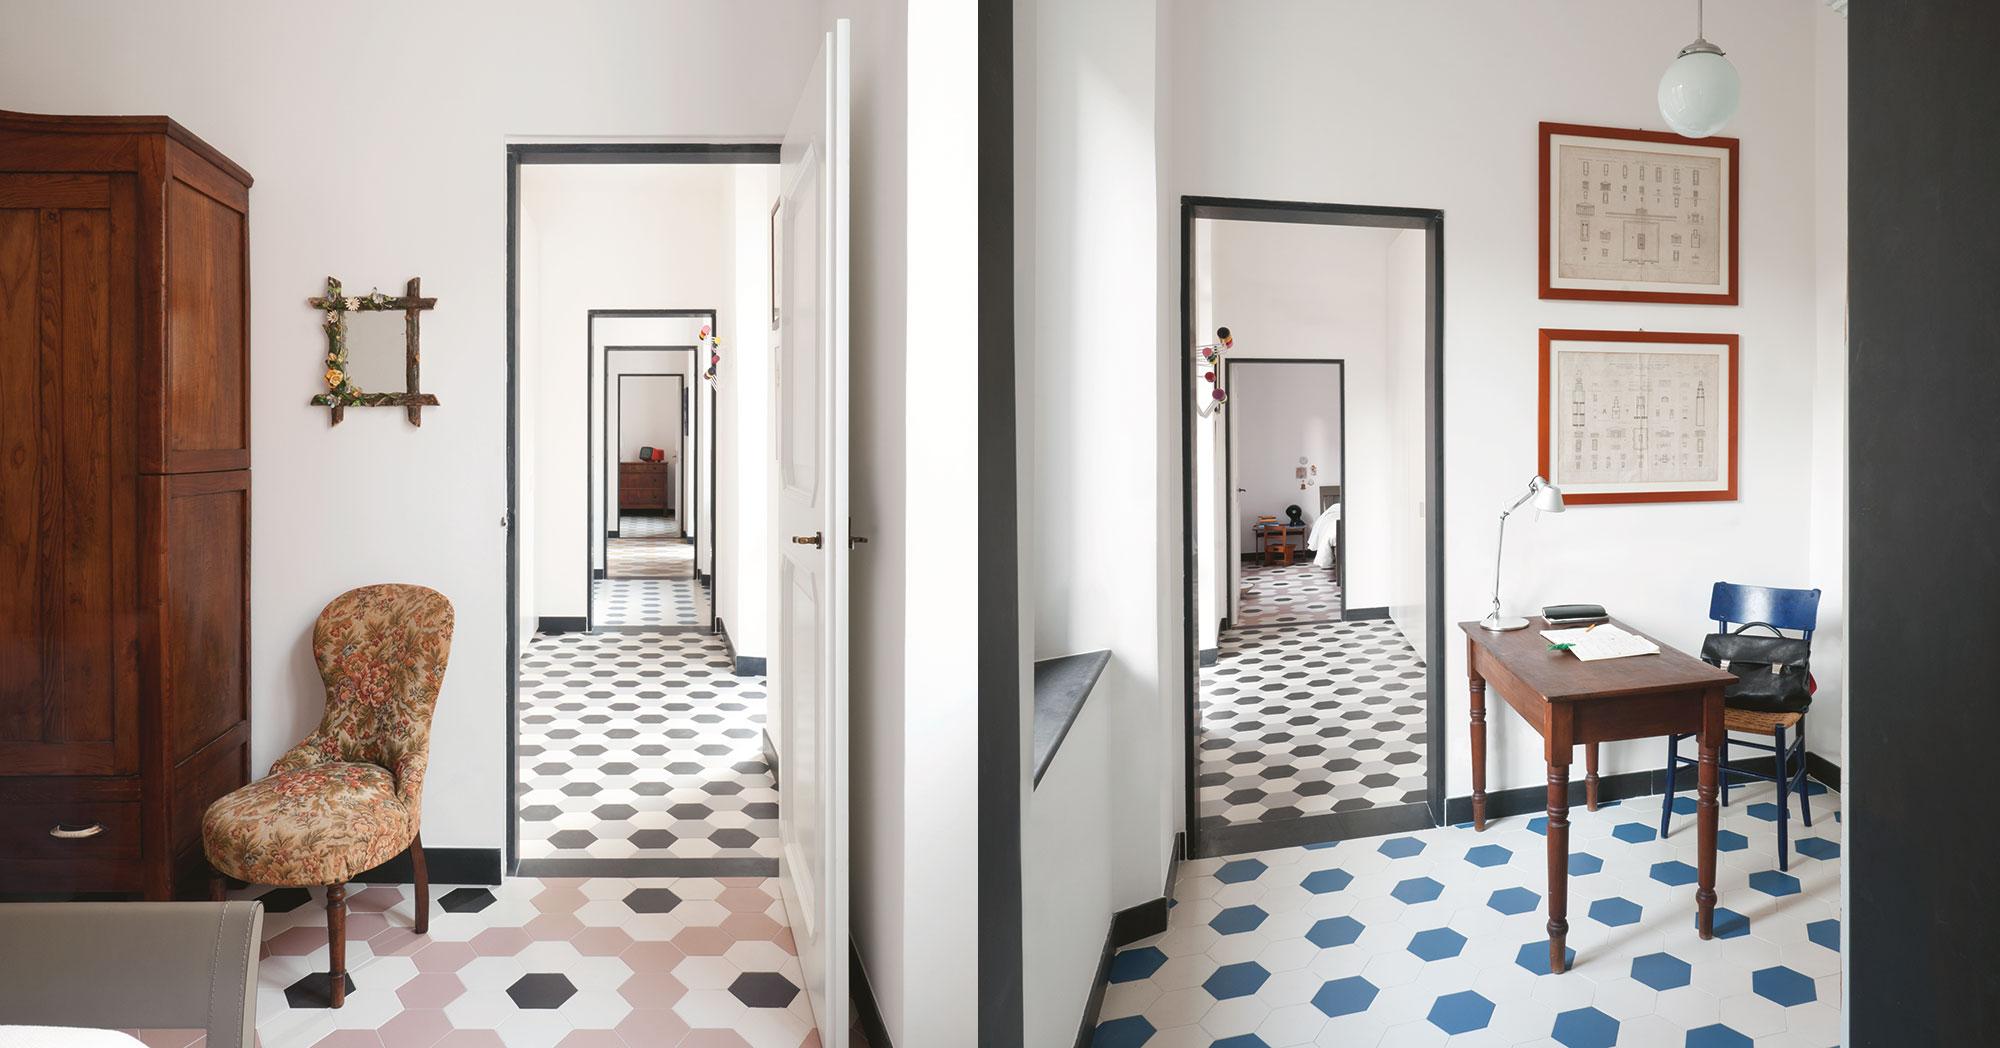 Etruria design ceramic tiles - Piastrelle esagonali cucina ...